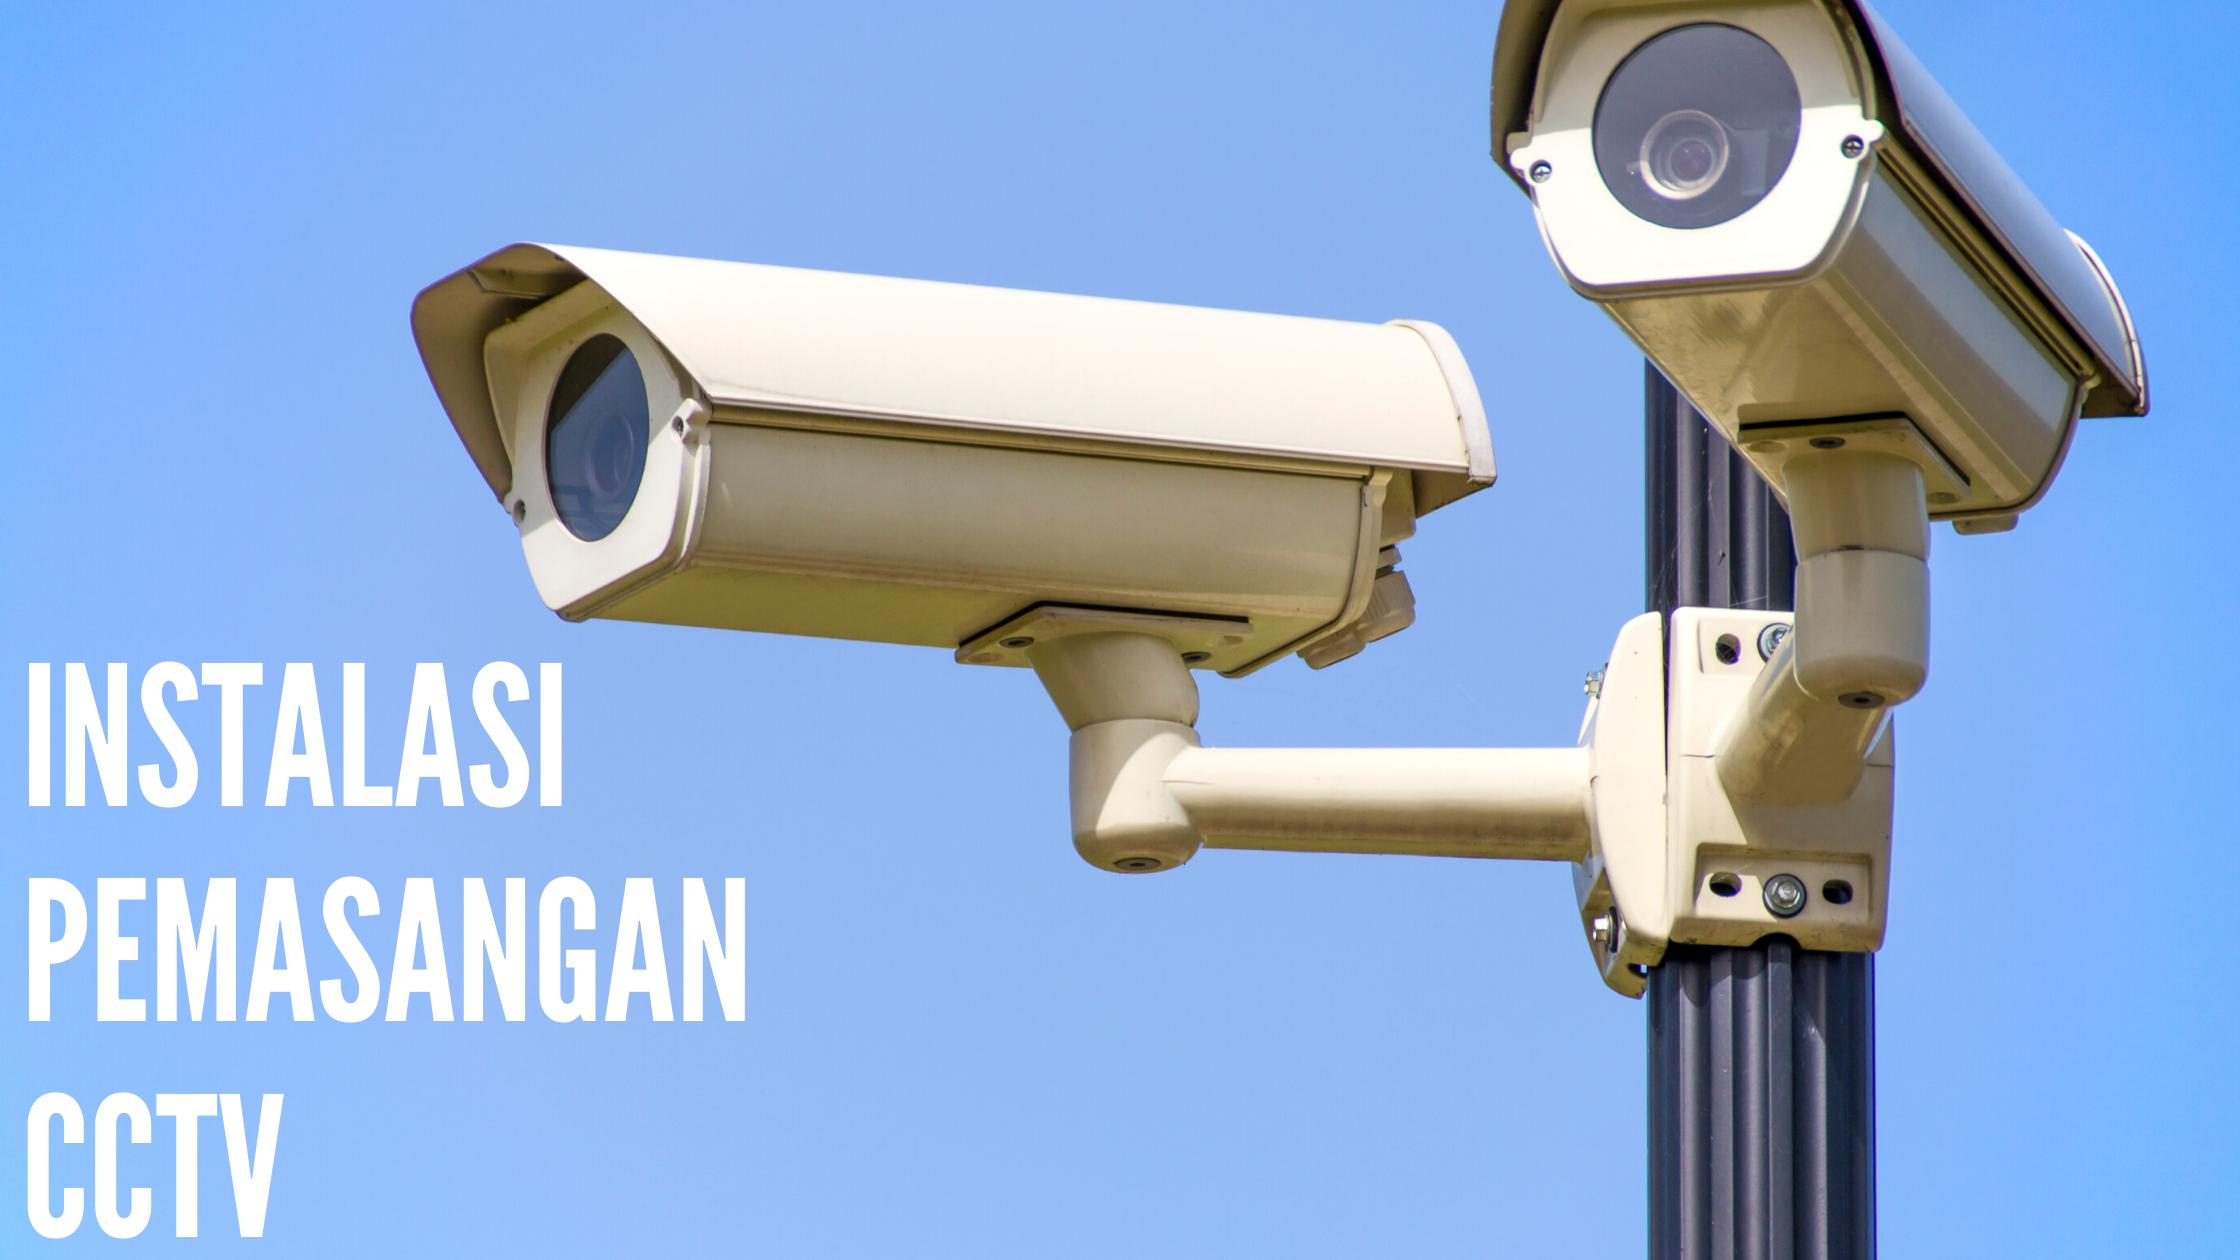 Pemasangan CCTV Jakarta